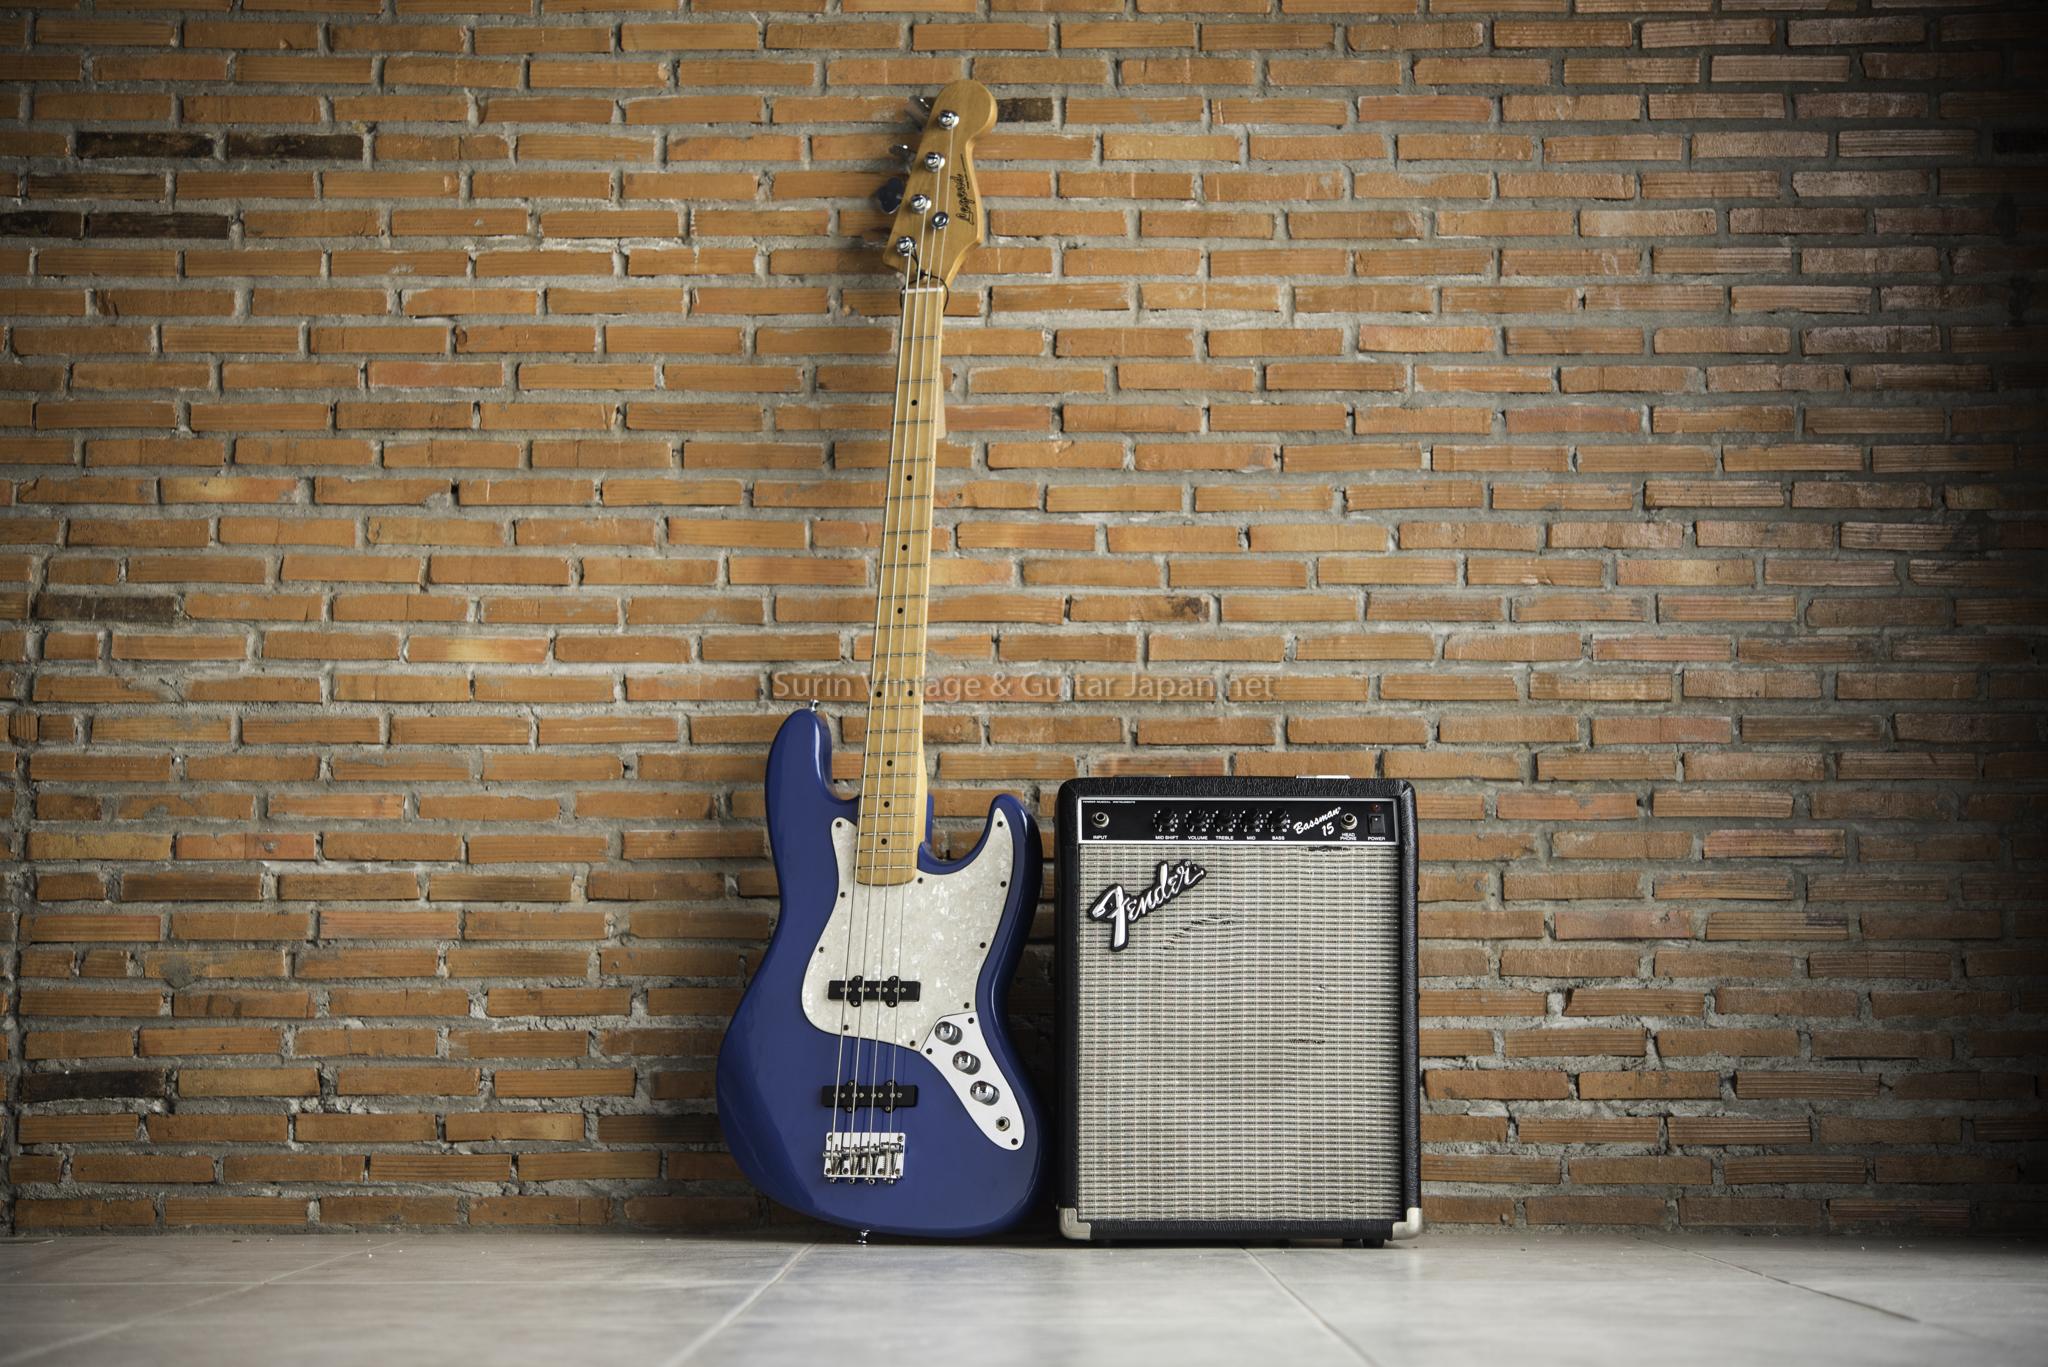 แอมป์เบสกีต้าร์ไฟฟ้ามือสอง Fender Bassman 15 No.3